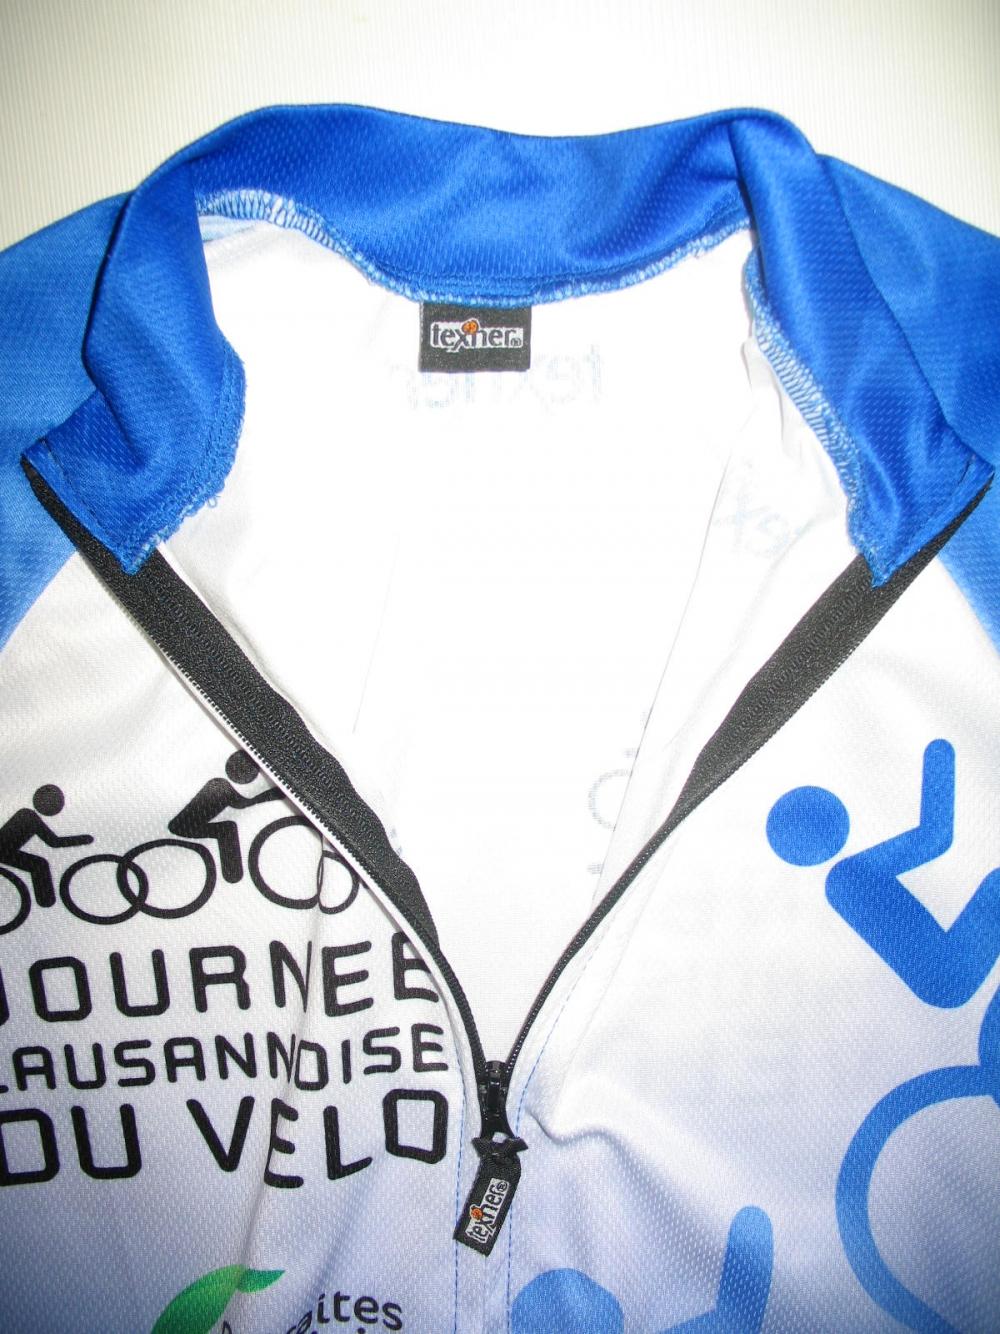 Веломайка TEXNER du velo jersey (размер XS) - 2